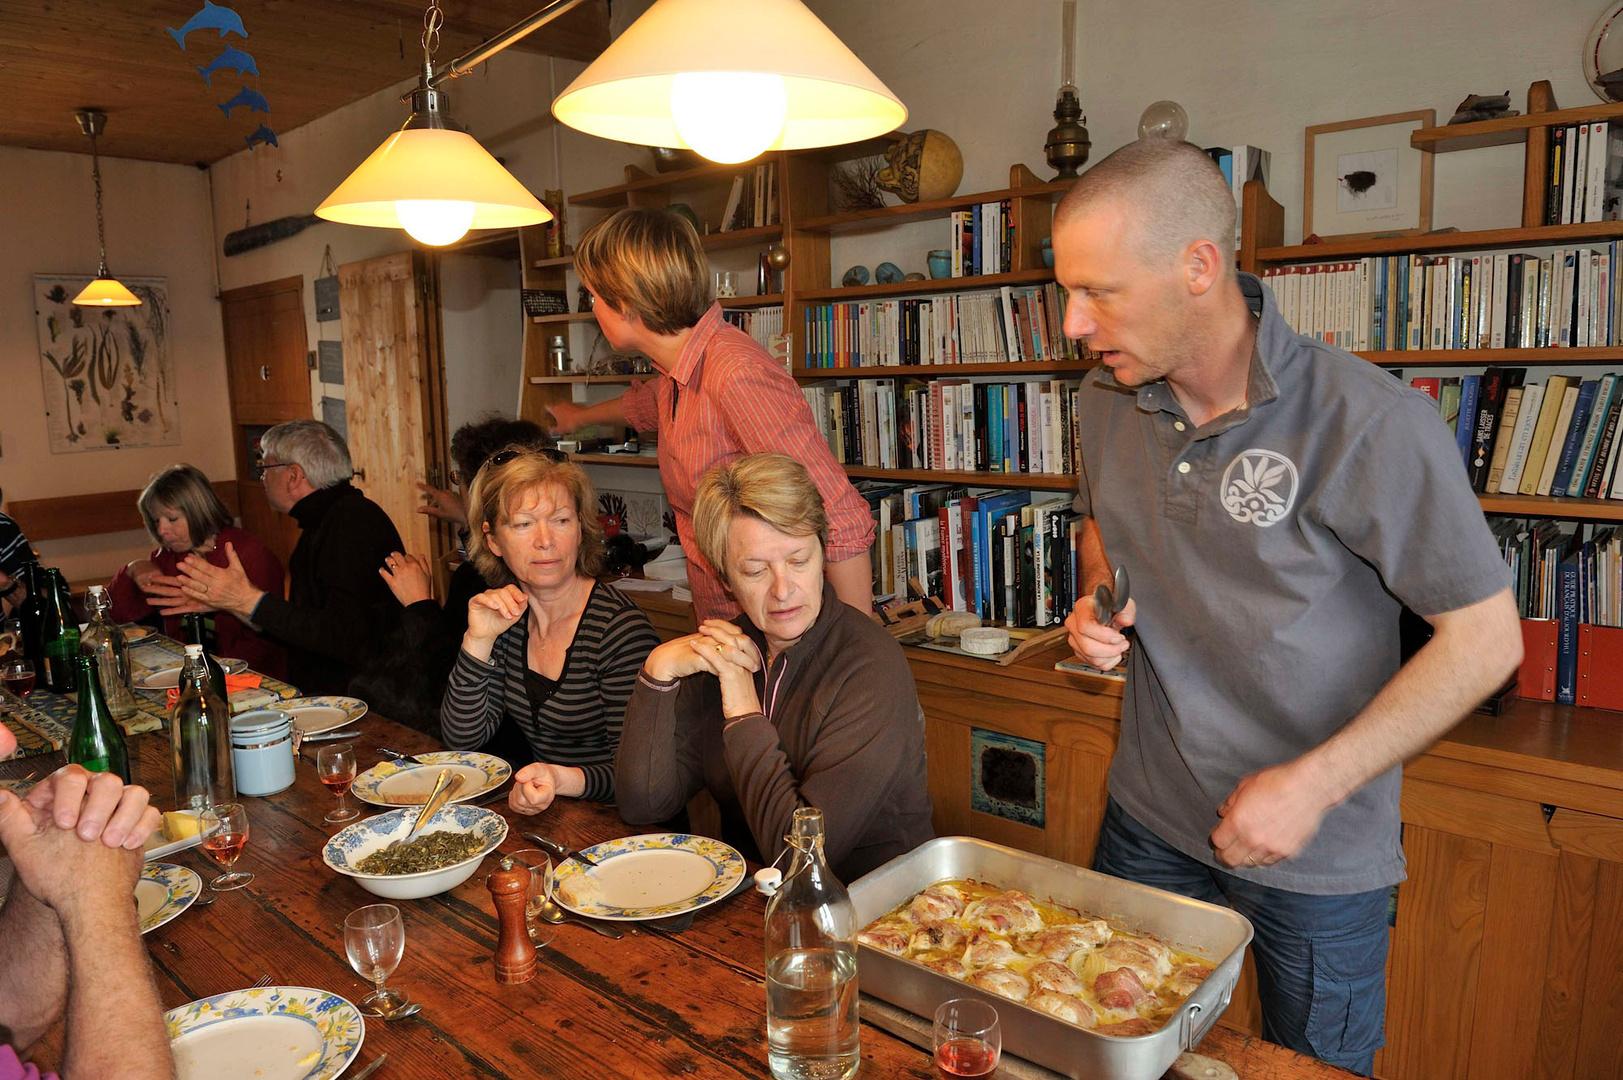 David,cuisinier hors-pair, régale ses hôtes des produits du terroir.